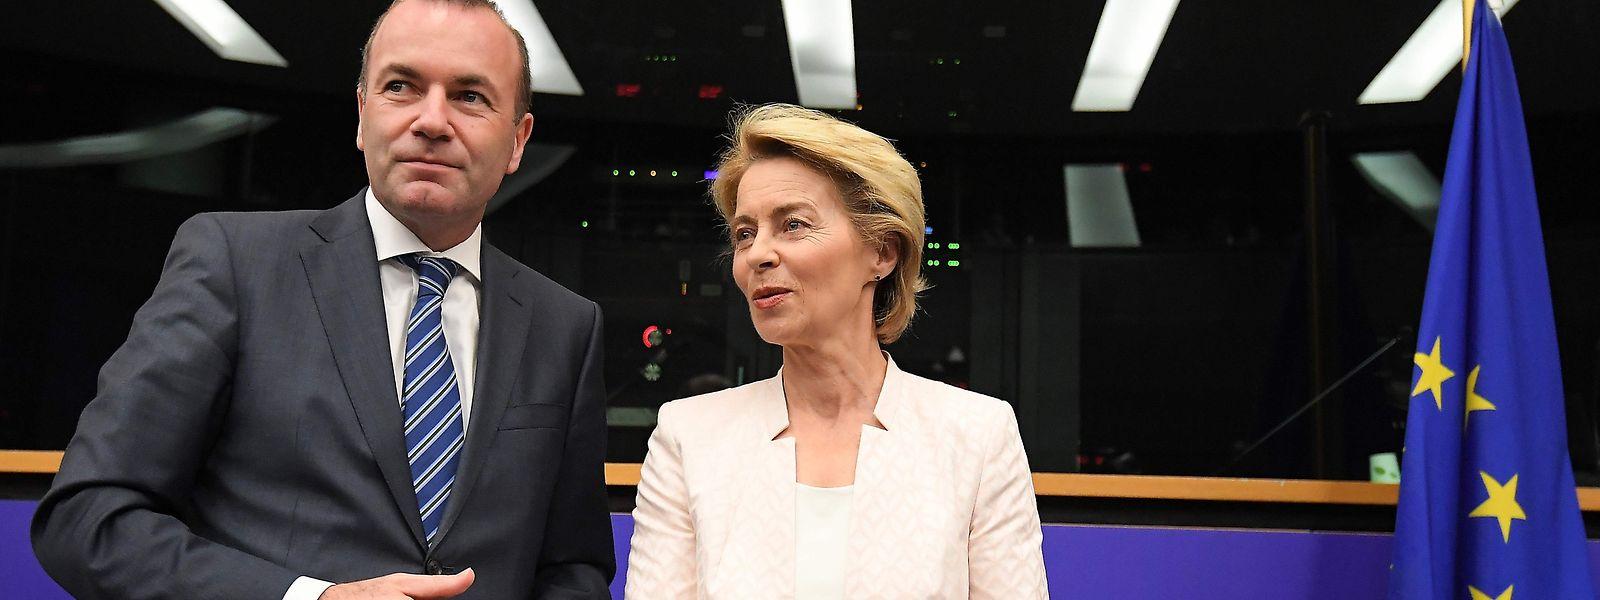 Manfred Weber und Ursula von der Leyen